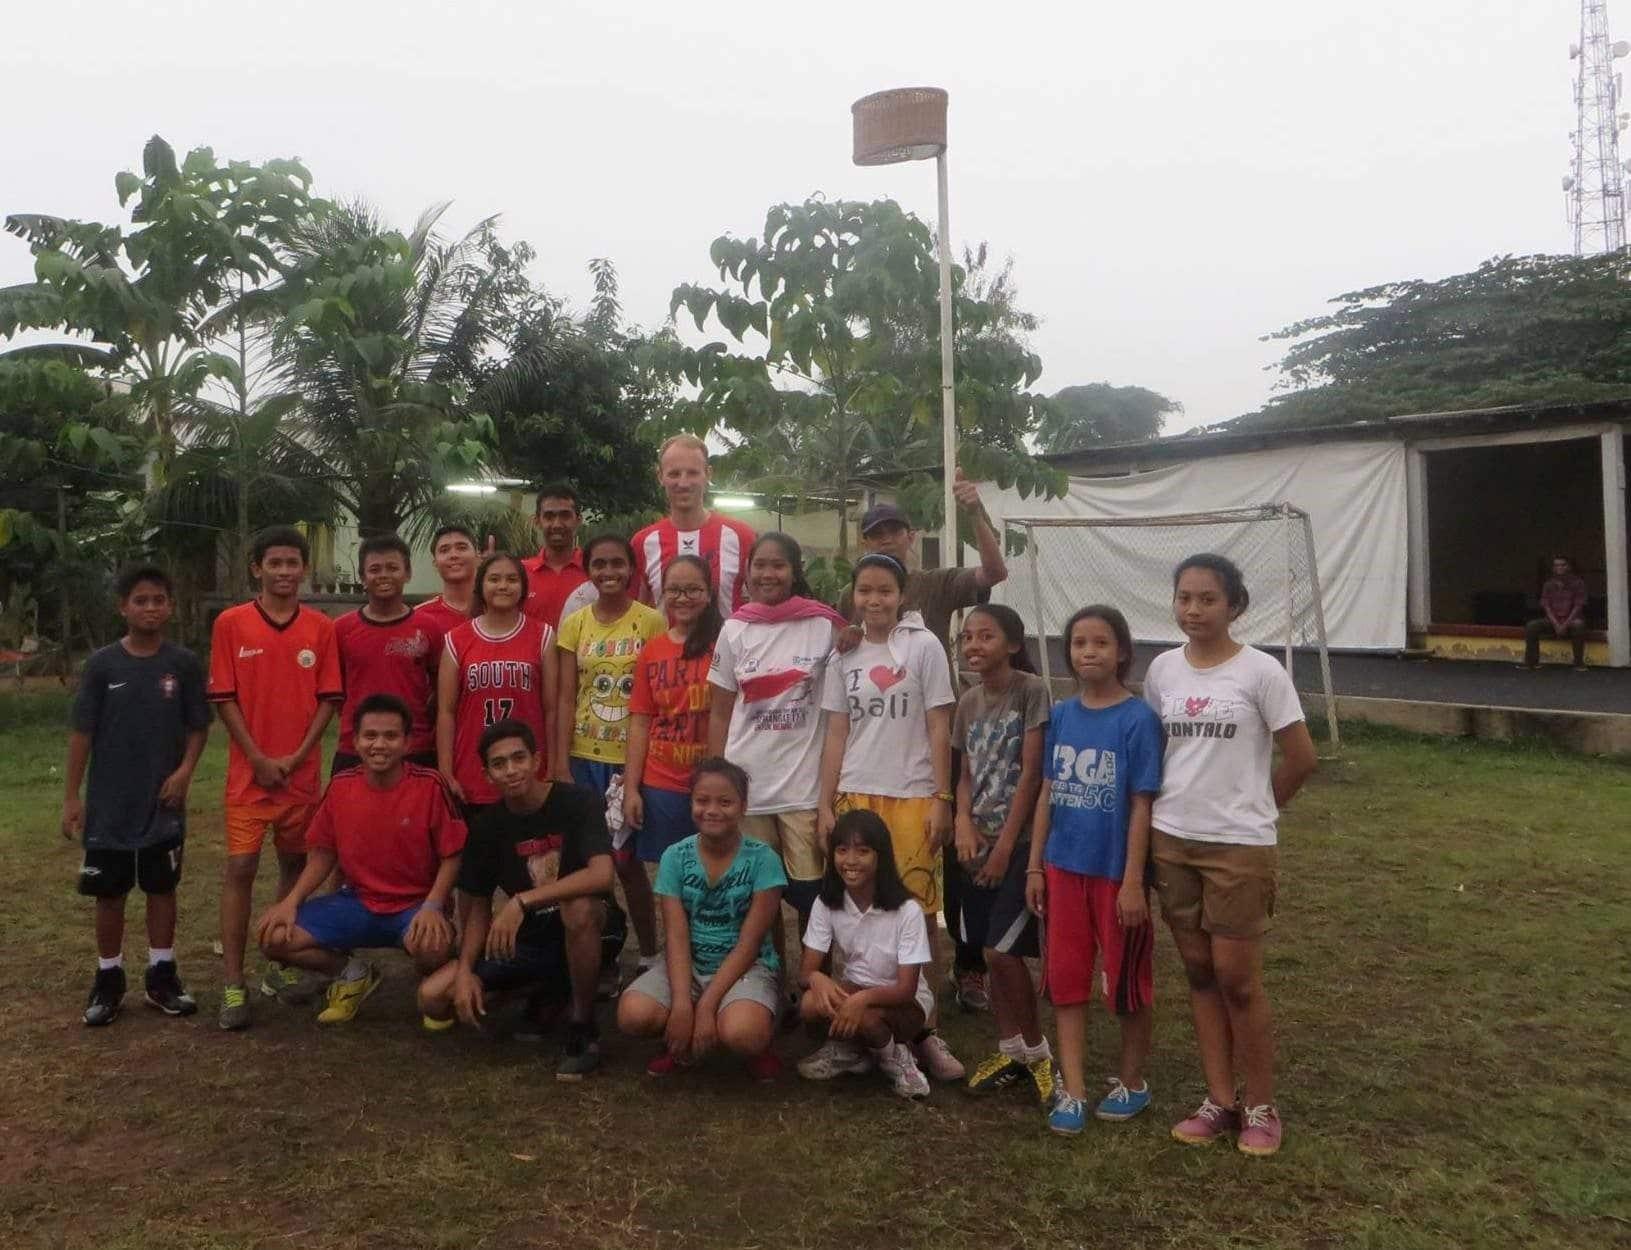 korfballen-in-indonesie-een-mooi-verhaal-a